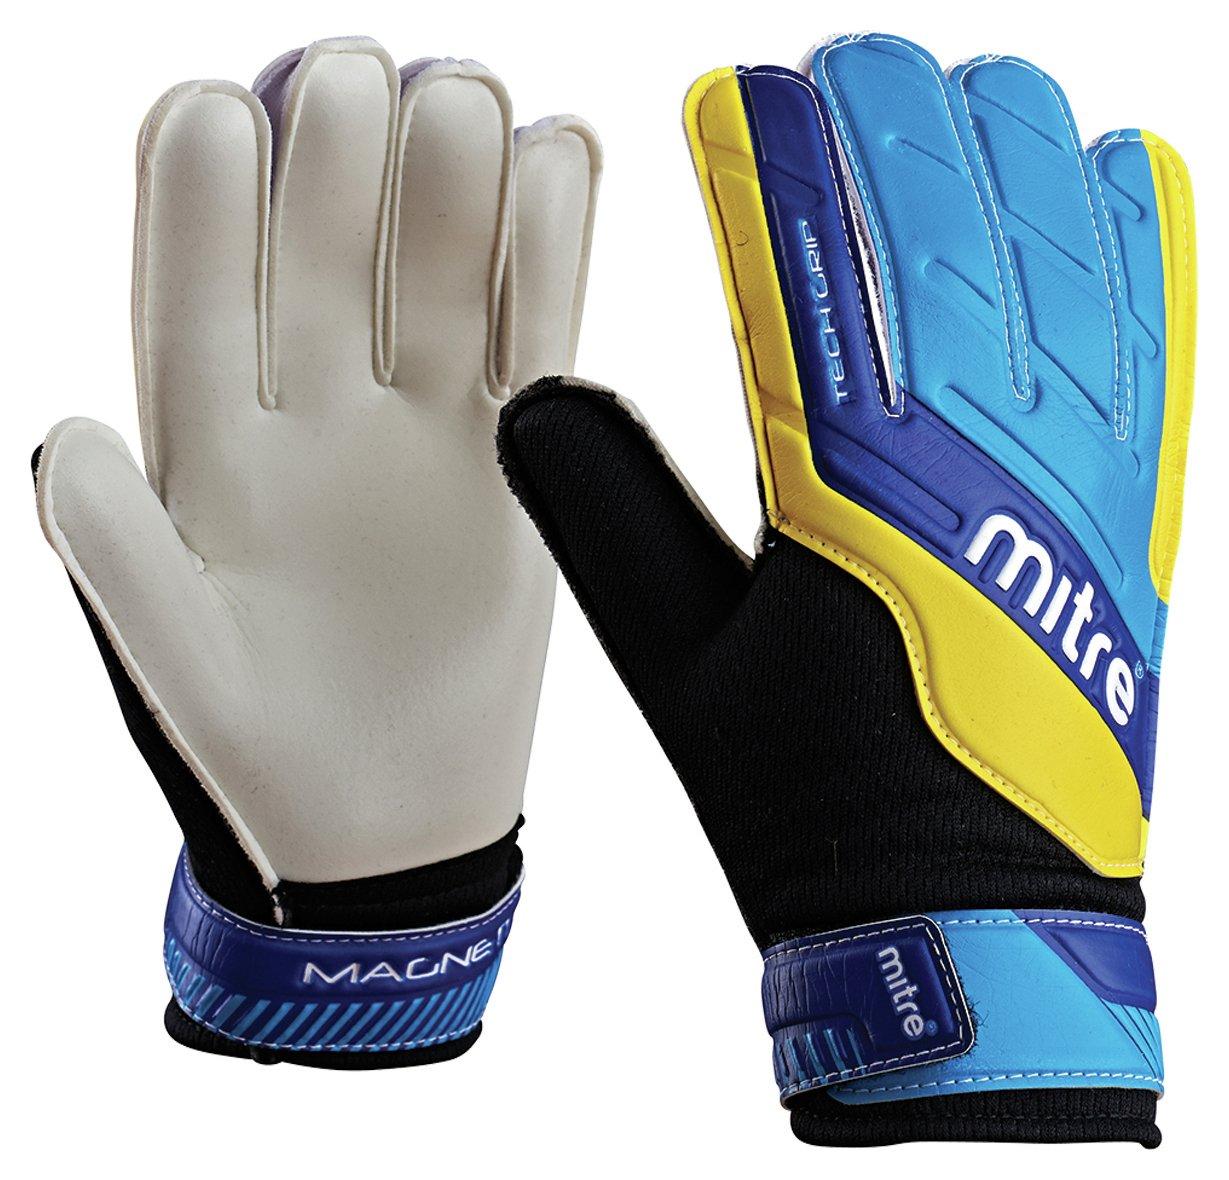 Driving gloves argos - Mitre Magnetite Goalkeeper Gloves Junior